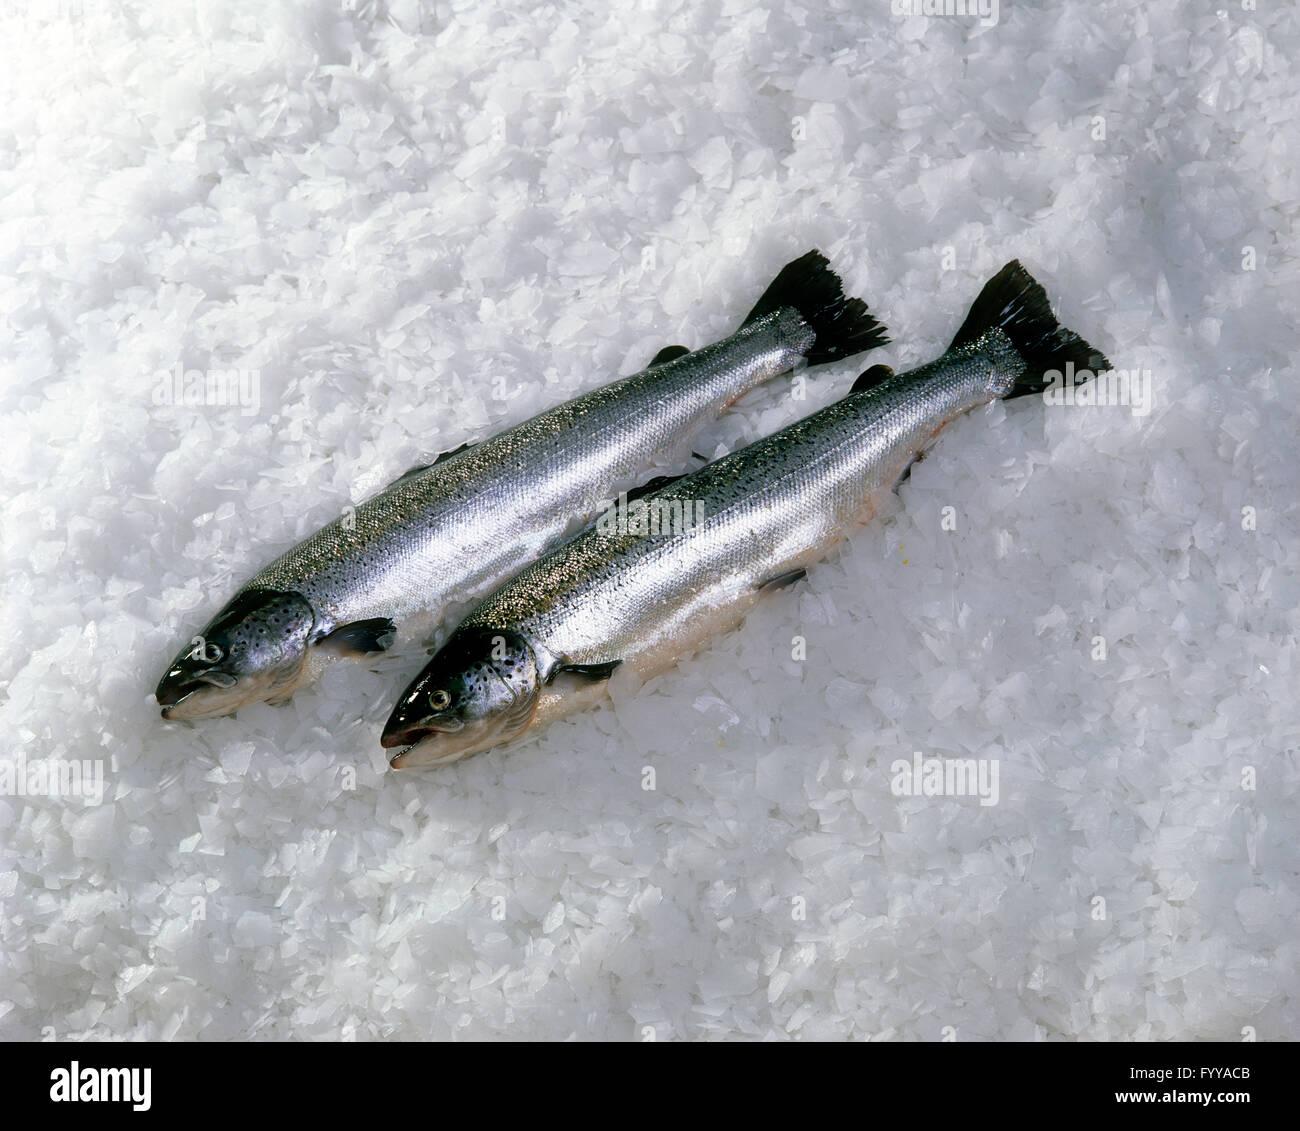 Deux poissons sur la glace, à l'intérieur. Photo Stock